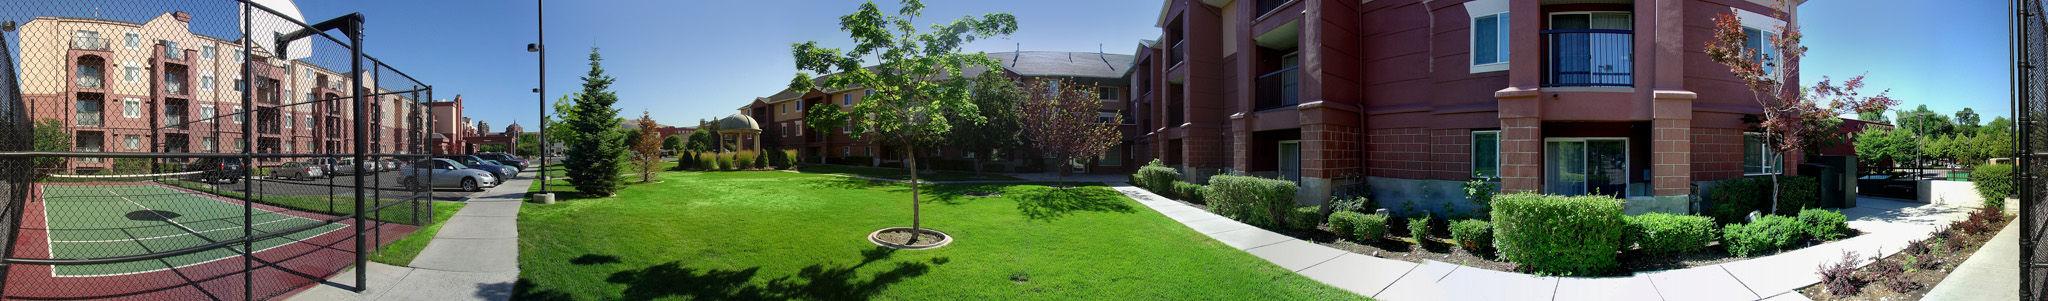 Residence Inn by Marriott Salt Lake City Downtown image 13